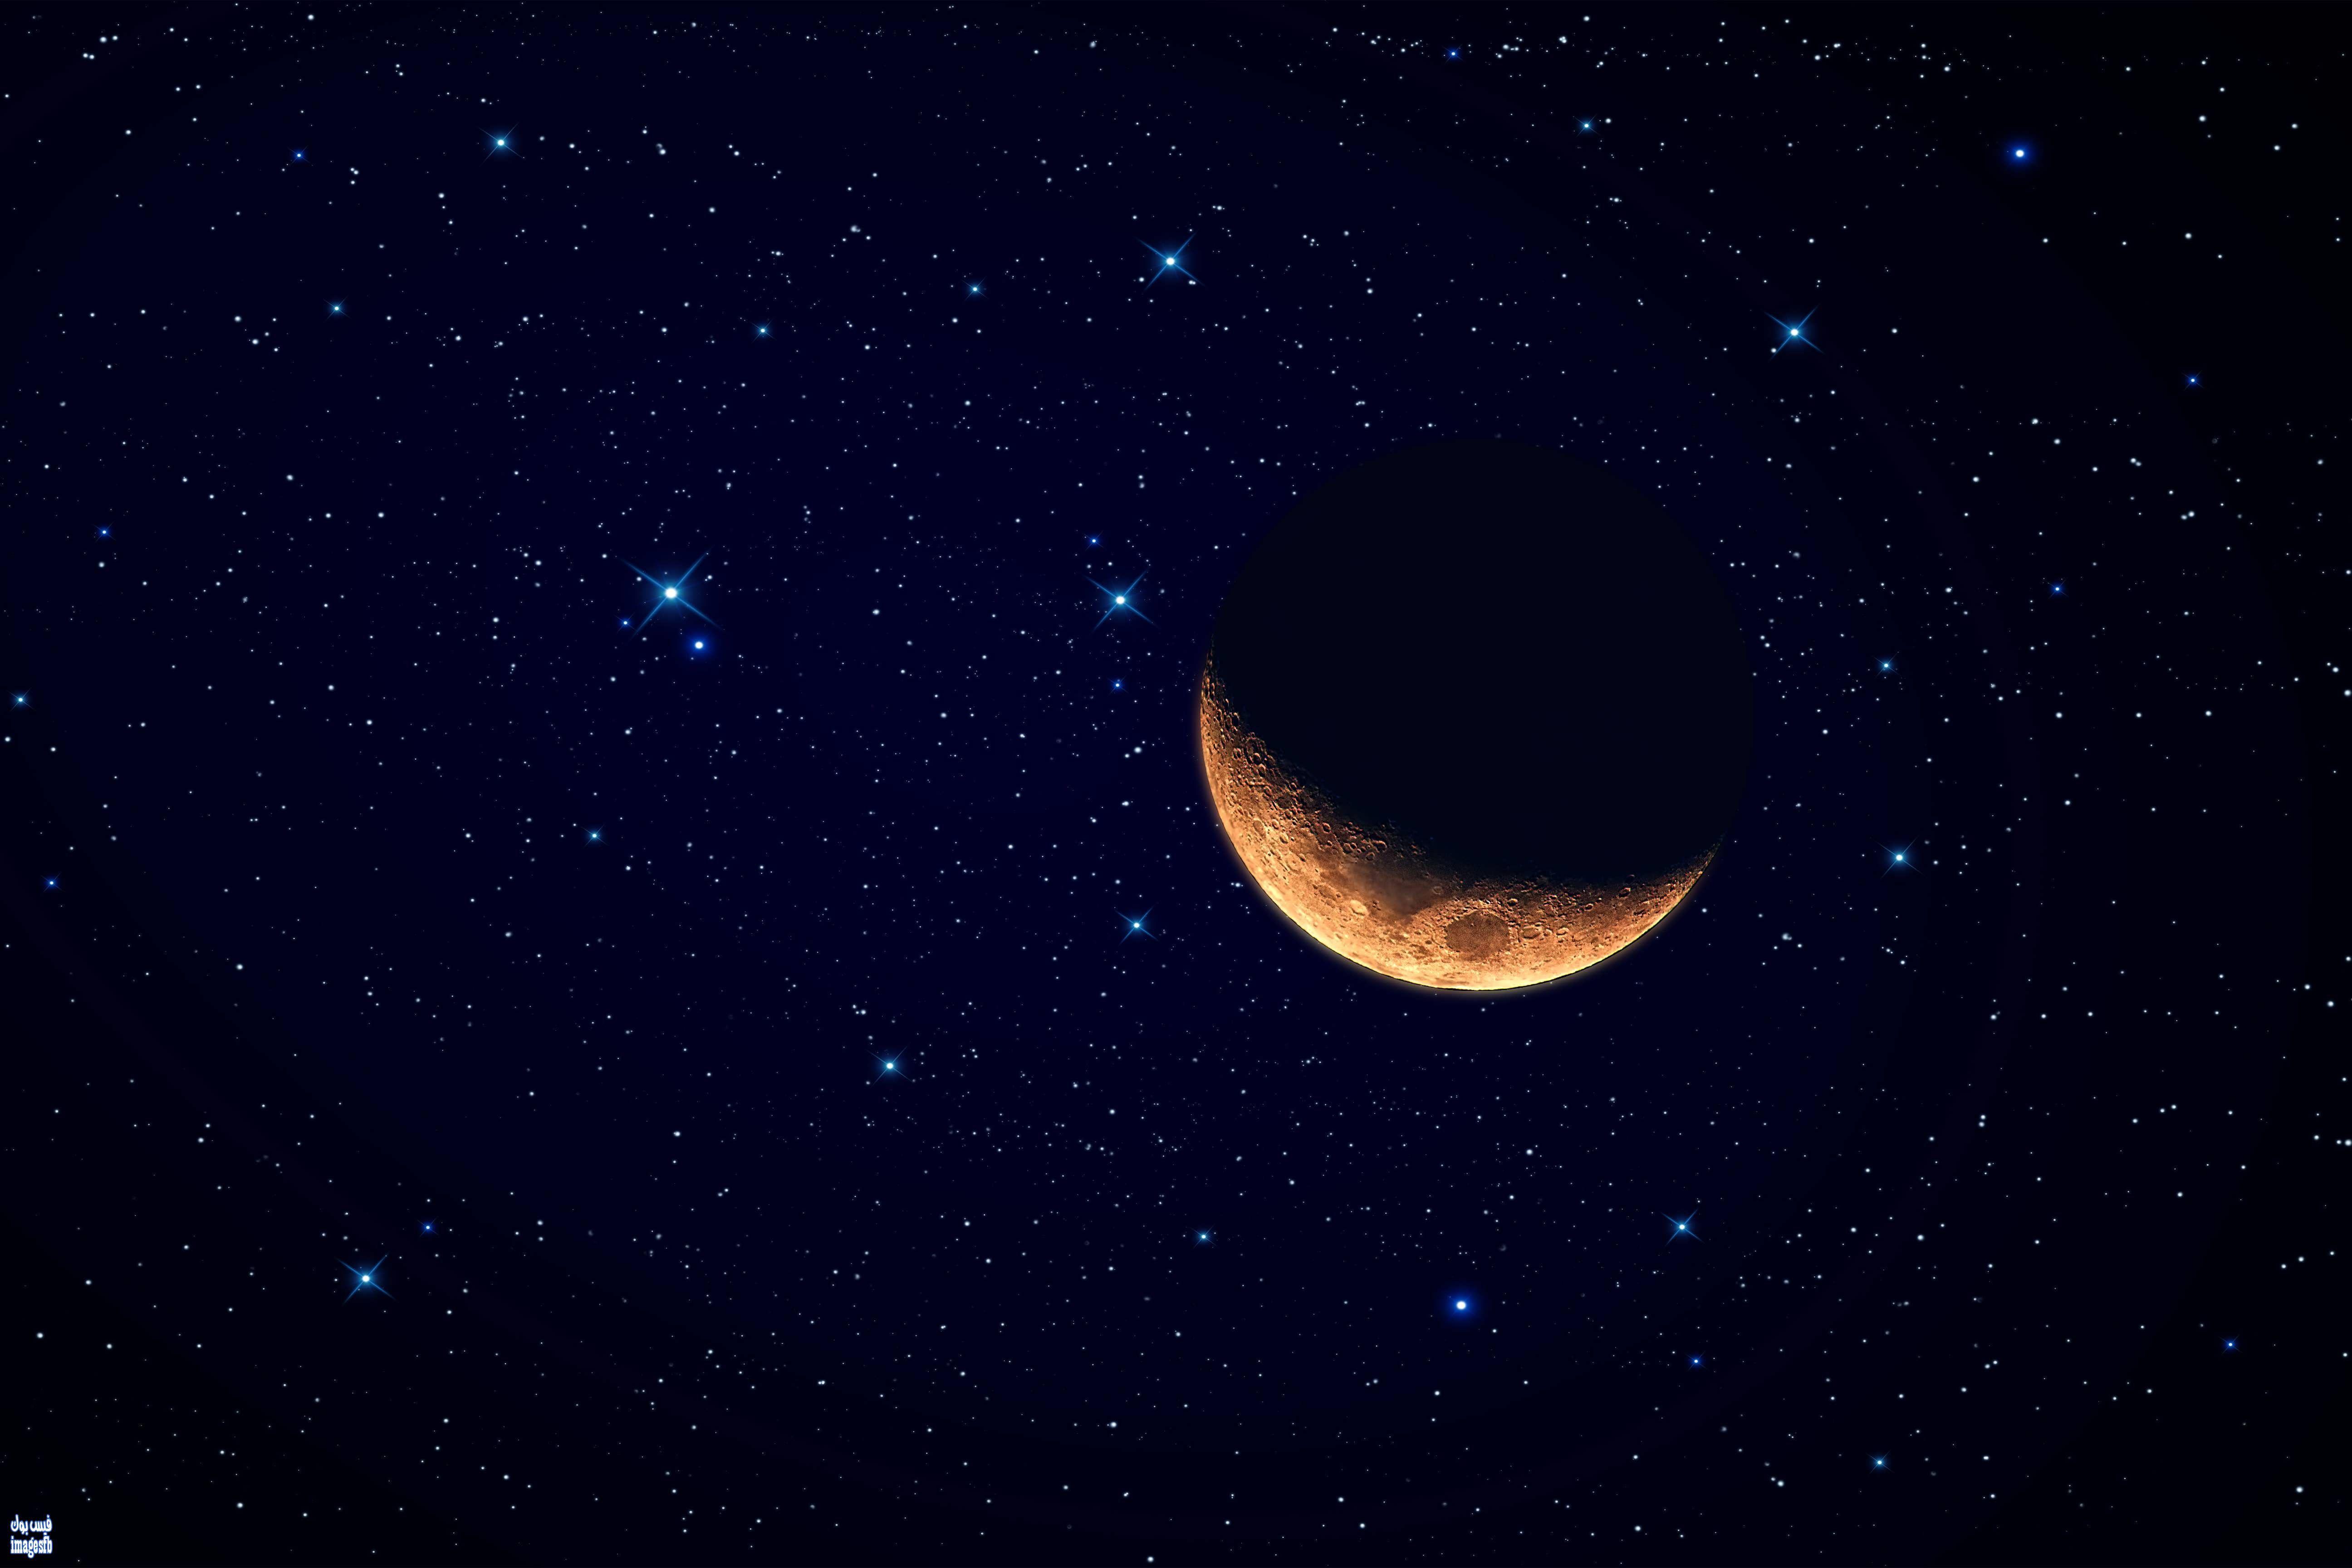 خلفيات لاب توب 2018 اروع خلفيات لابات طبيعيه Lap Top Wallpapers Moon And Stars Wallpaper Beautiful Moon Star Wallpaper